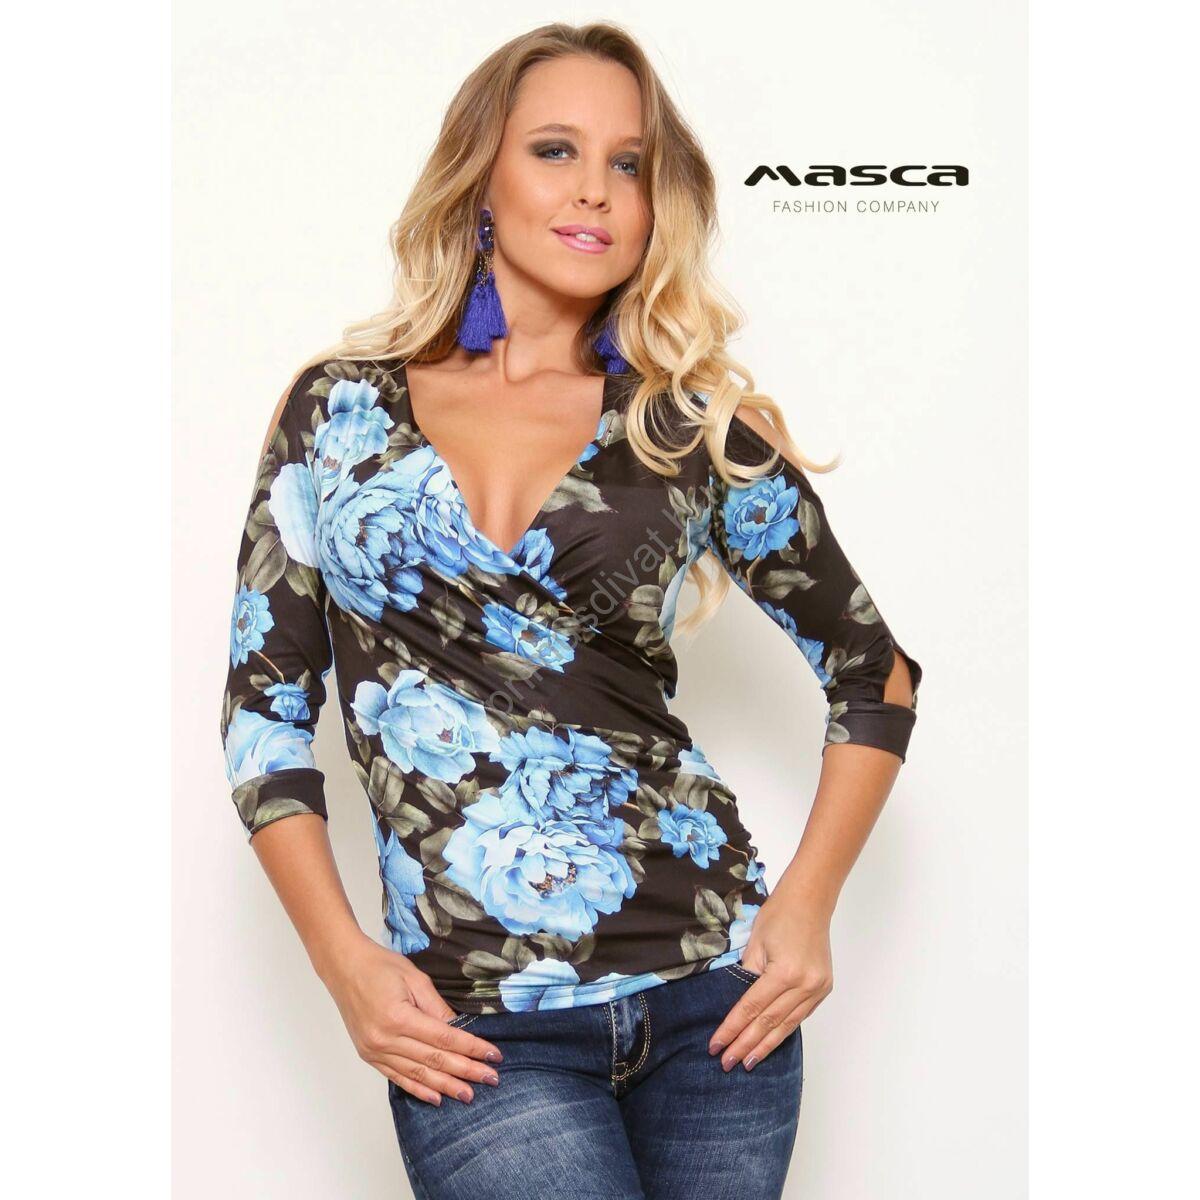 2dc06b671e Kép 1/1 - Masca Fashion átlapolt, ráncolt elejű háromnegyedes ujjú, nyitott  vállú kék virágmintás felső